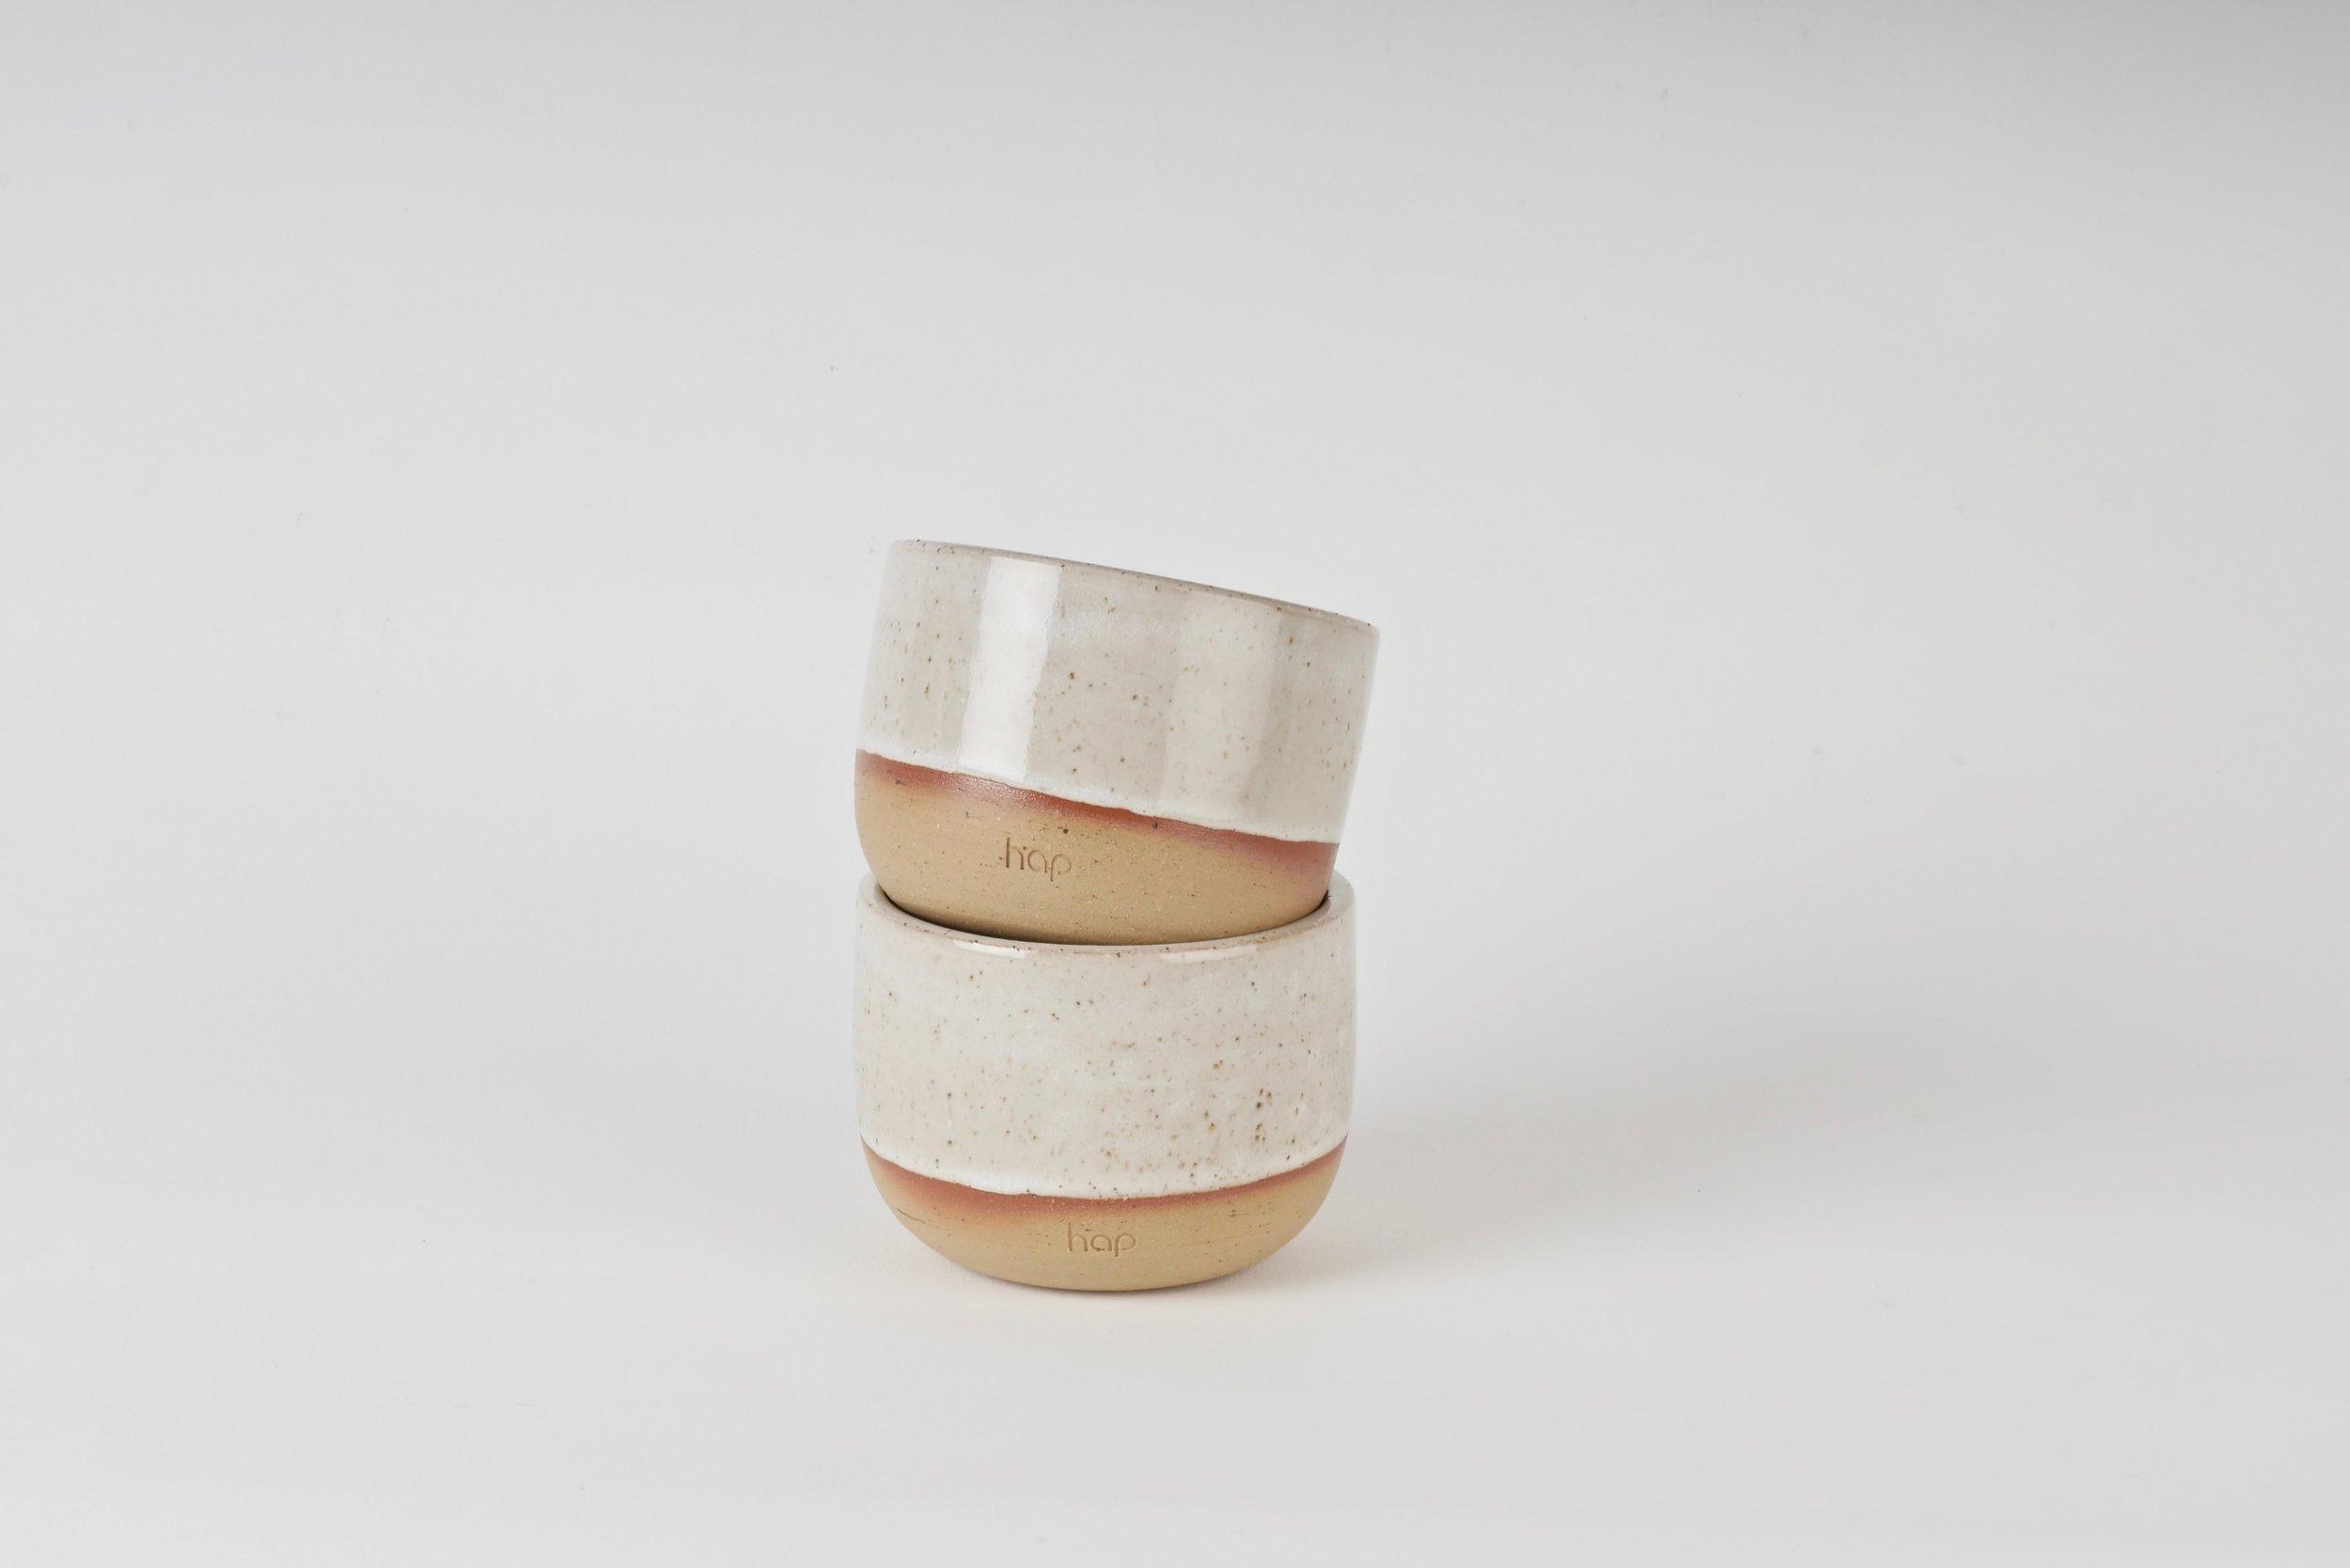 Hap_Keramik_Ceramics_Düsseldorf_Becher_Cups_Kaffee_Cappucino_Flat White_New Wave_Barista_Design_Maxi Hoffmann_Tabletop_Geschirr_Handgemacht.jpg